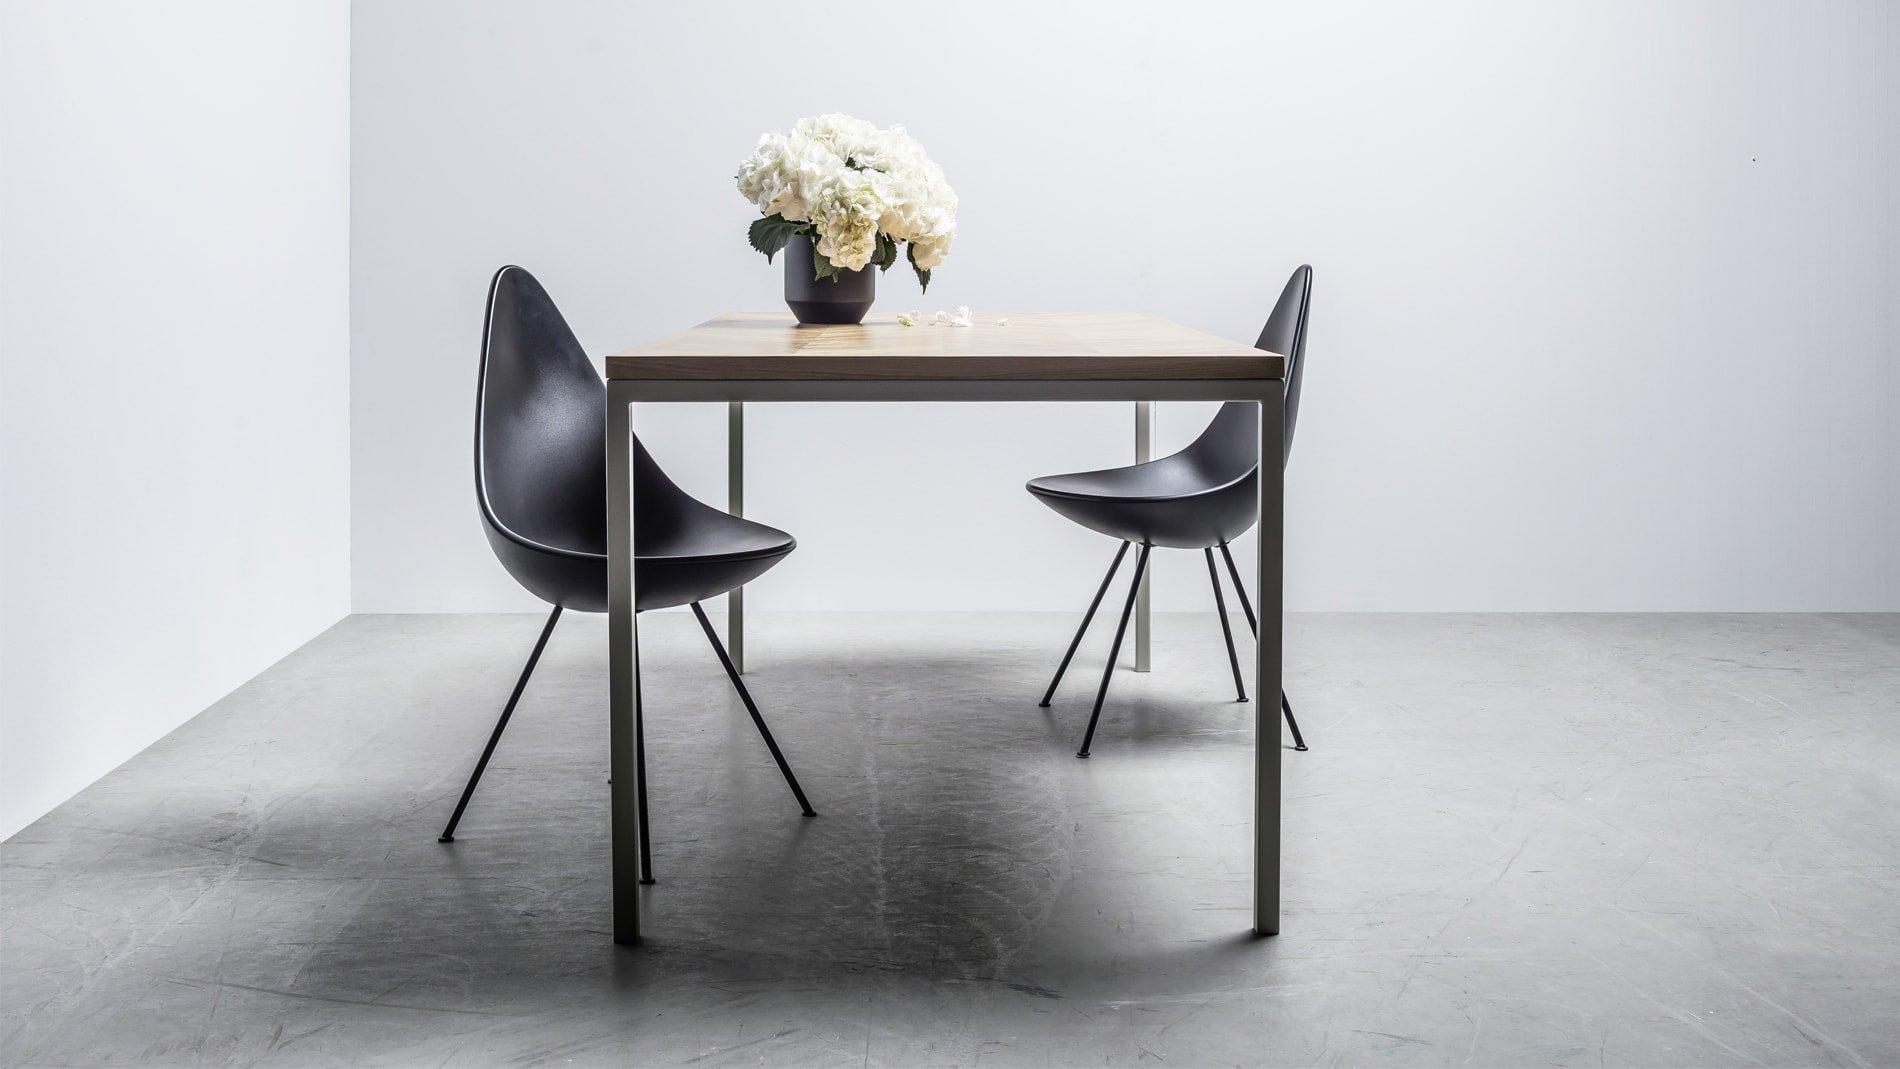 Dębowy nowoczesny stół z blatem w jodełkę - stół charlotte od Hoom